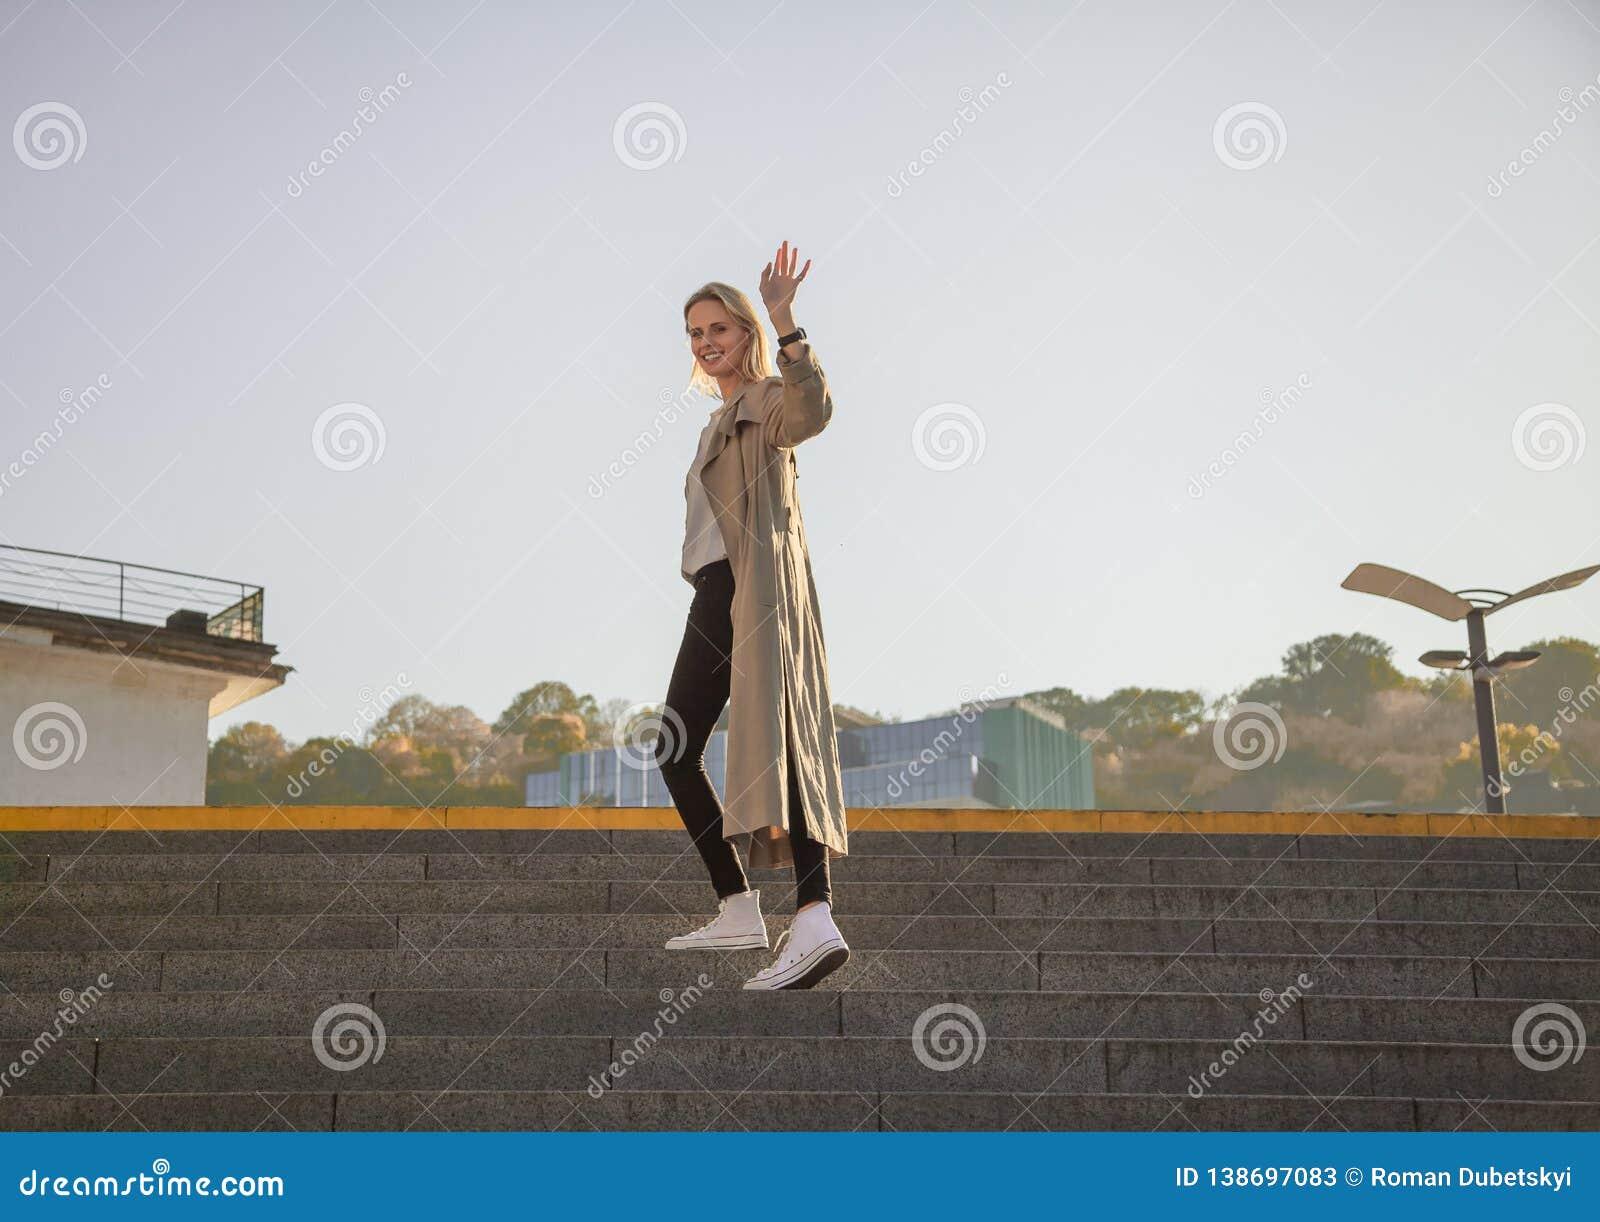 Młoda kobieta w eleganckim wiosna żakiecie w modnych szkłach w białej koszulce w czarnym rzemiennym torebki odprowadzeniu wzdłuż